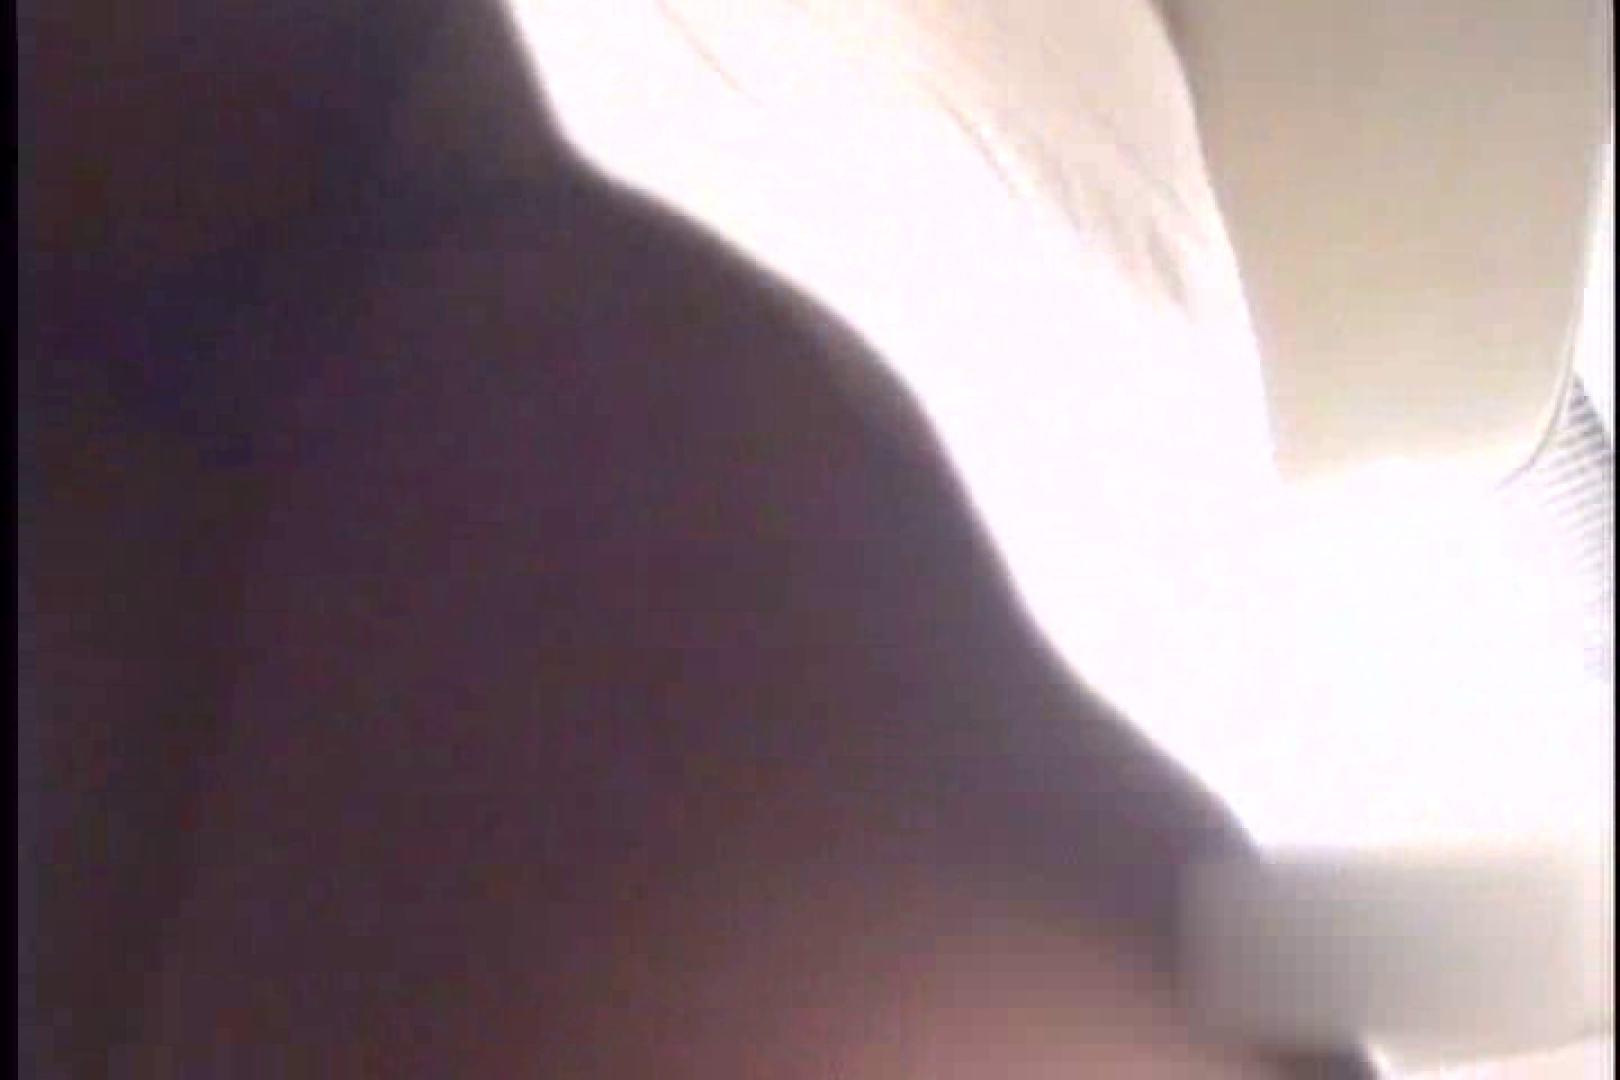 私鉄沿線美女限定パンティー丸覗き!!vol.02 覗き のぞき動画キャプチャ 109PIX 55